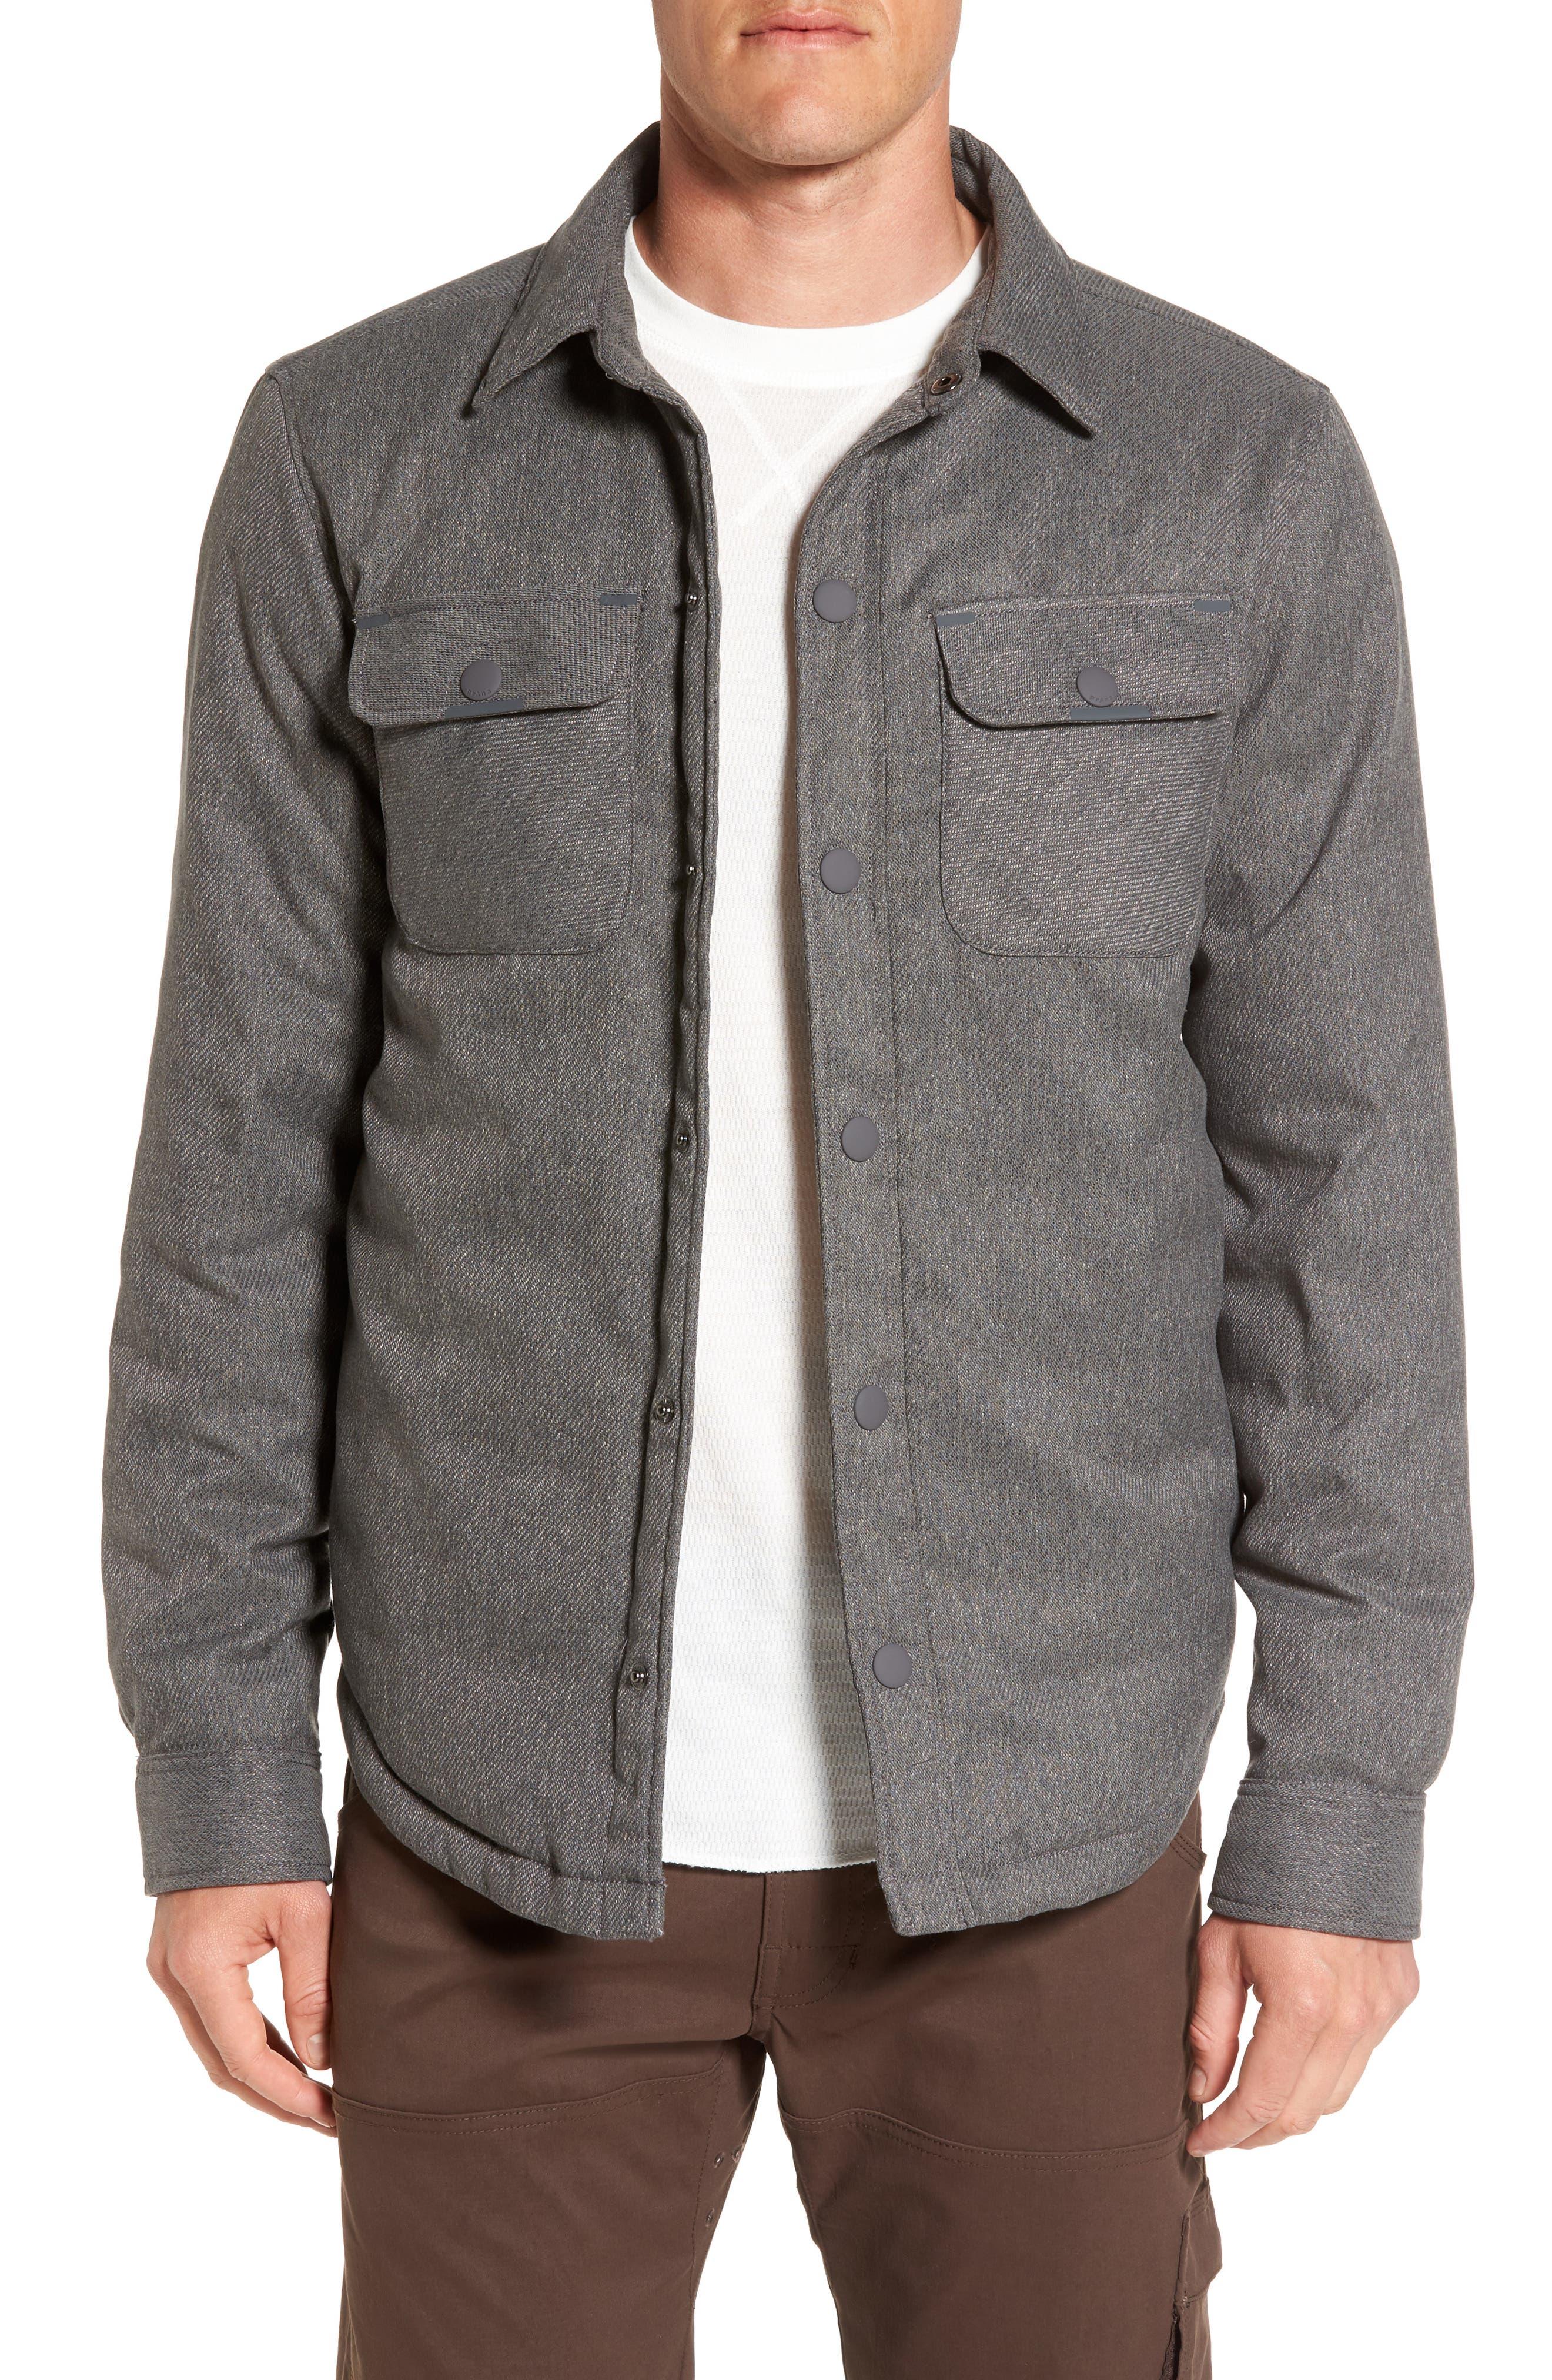 Main Image - Prana Showdown Shirt Jacket